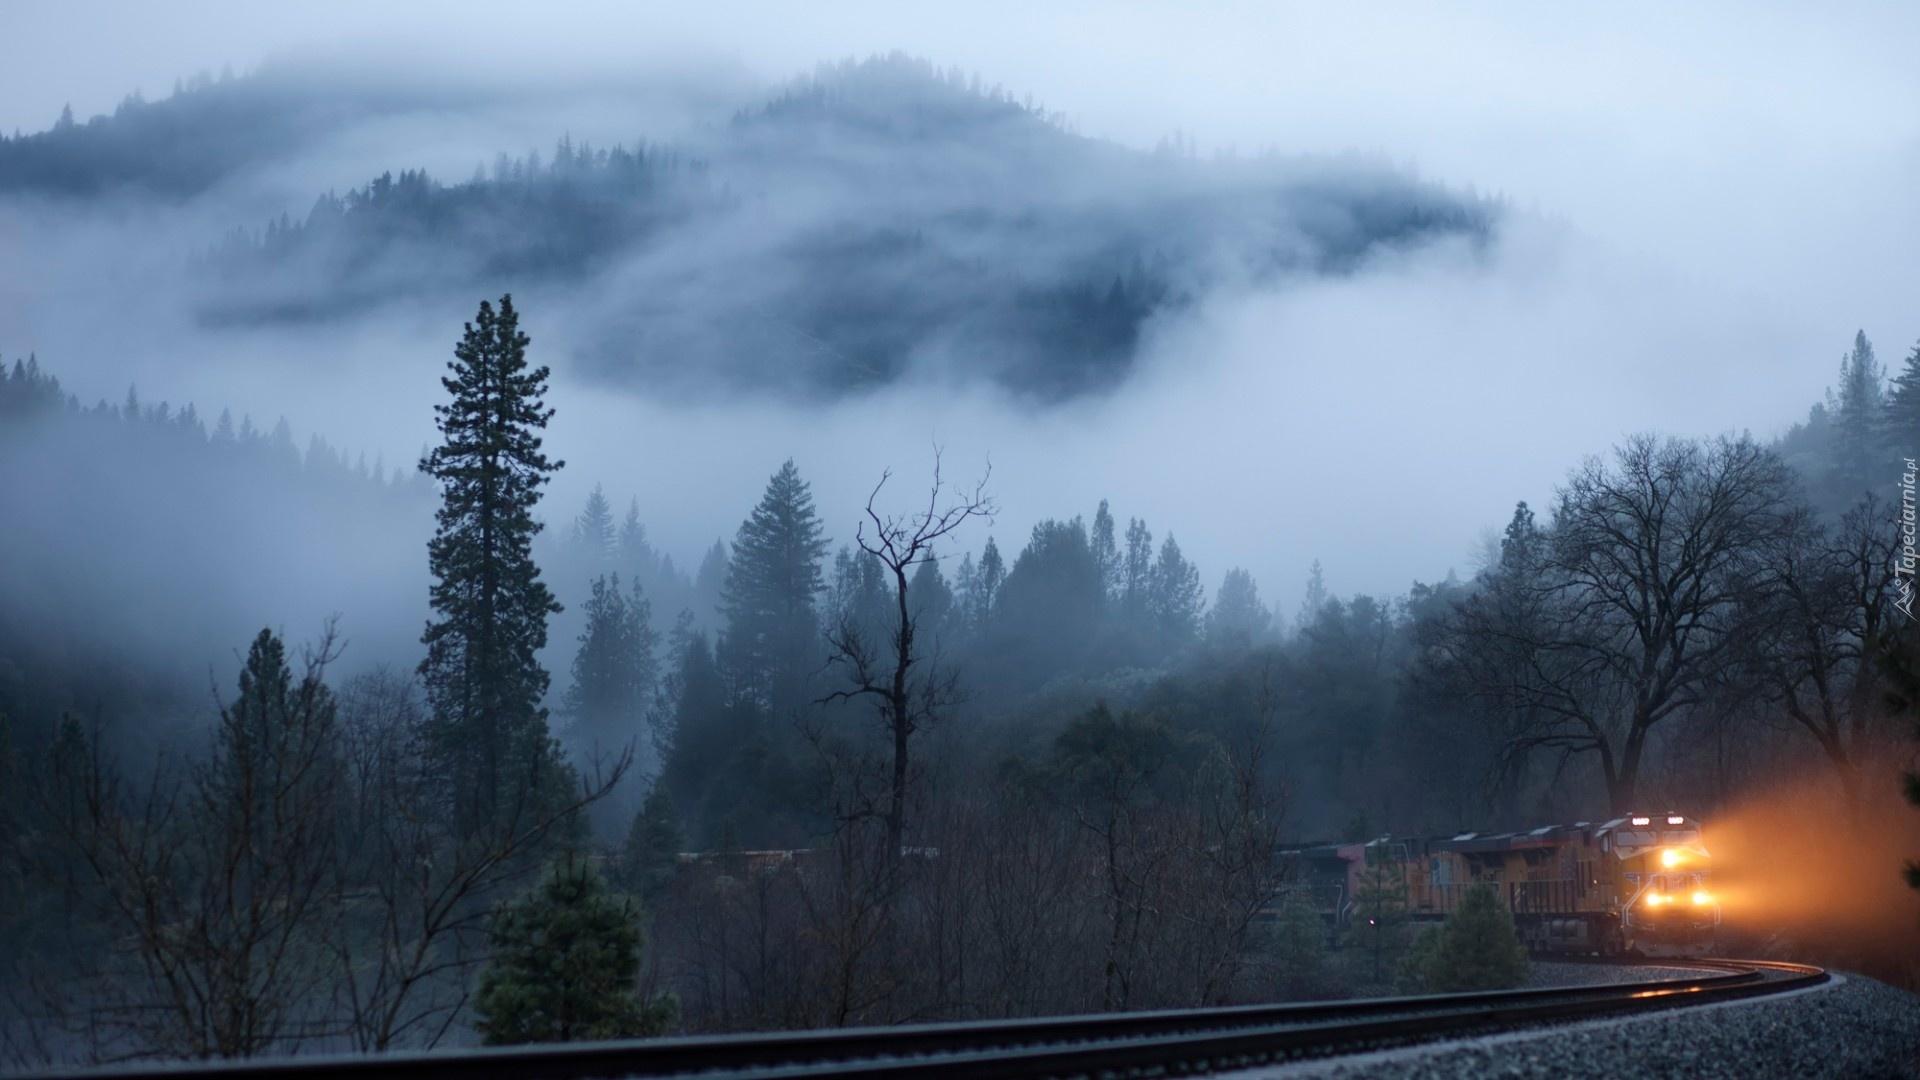 Красивый лес в тумане  обои для рабочего стола картинки